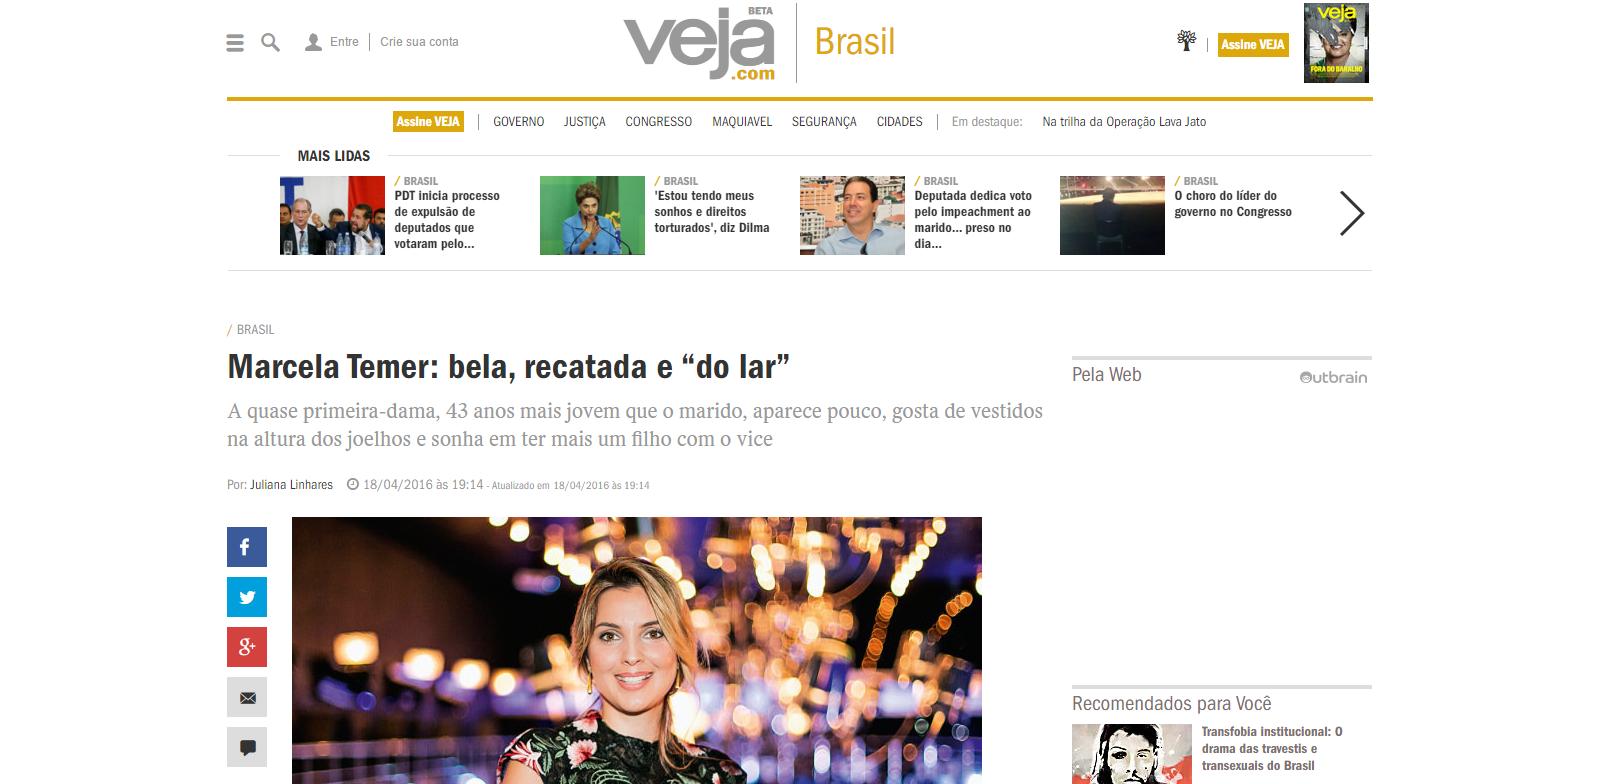 Marcela Temer, la jeune femme «belle, élégante et femme au foyer», selon le magazine Veja.